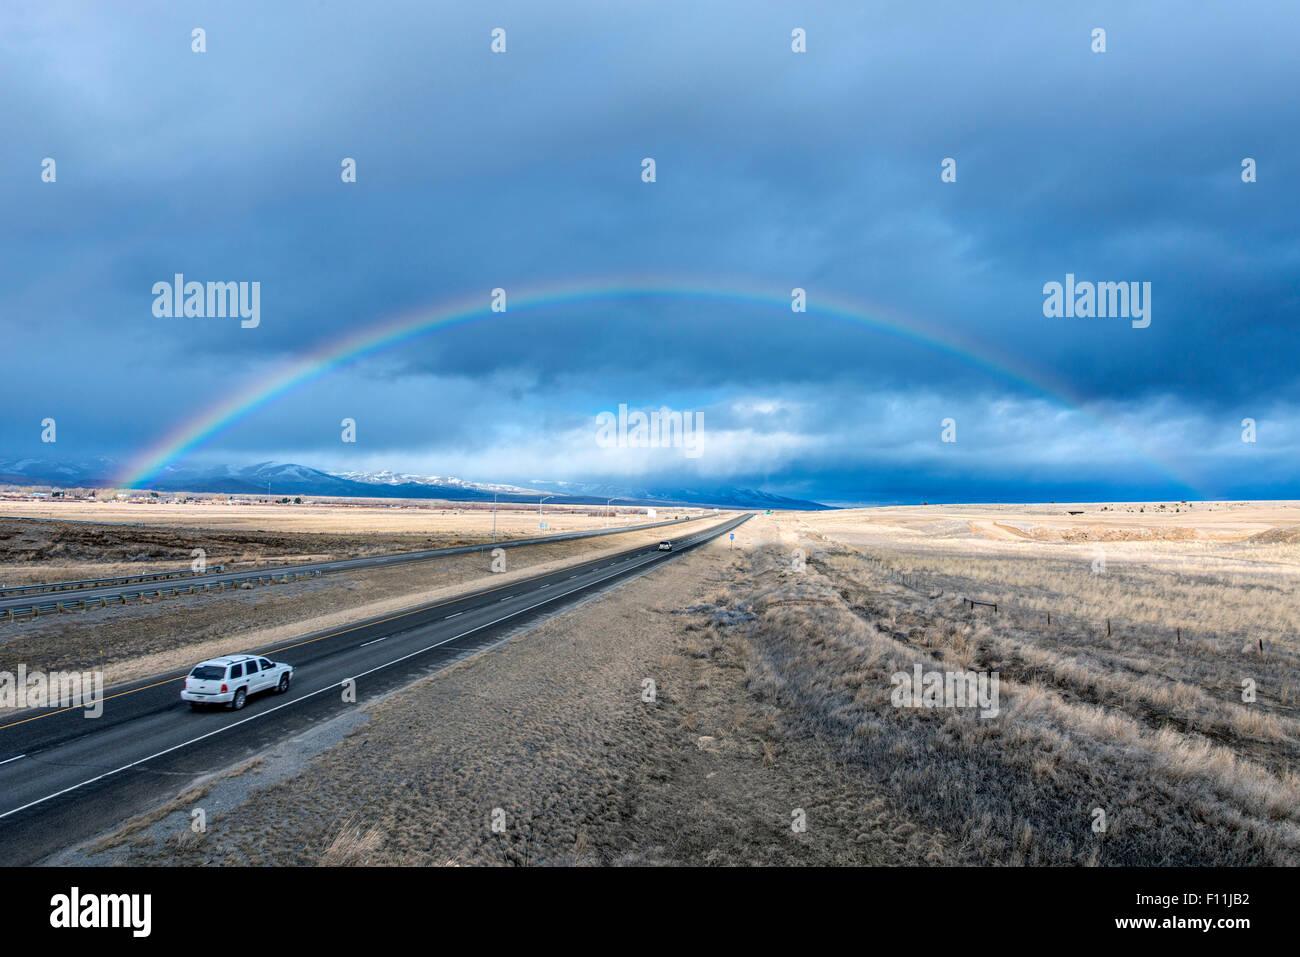 Portrait de voiture roulant à arc-en-ciel sur la route à distance Photo Stock